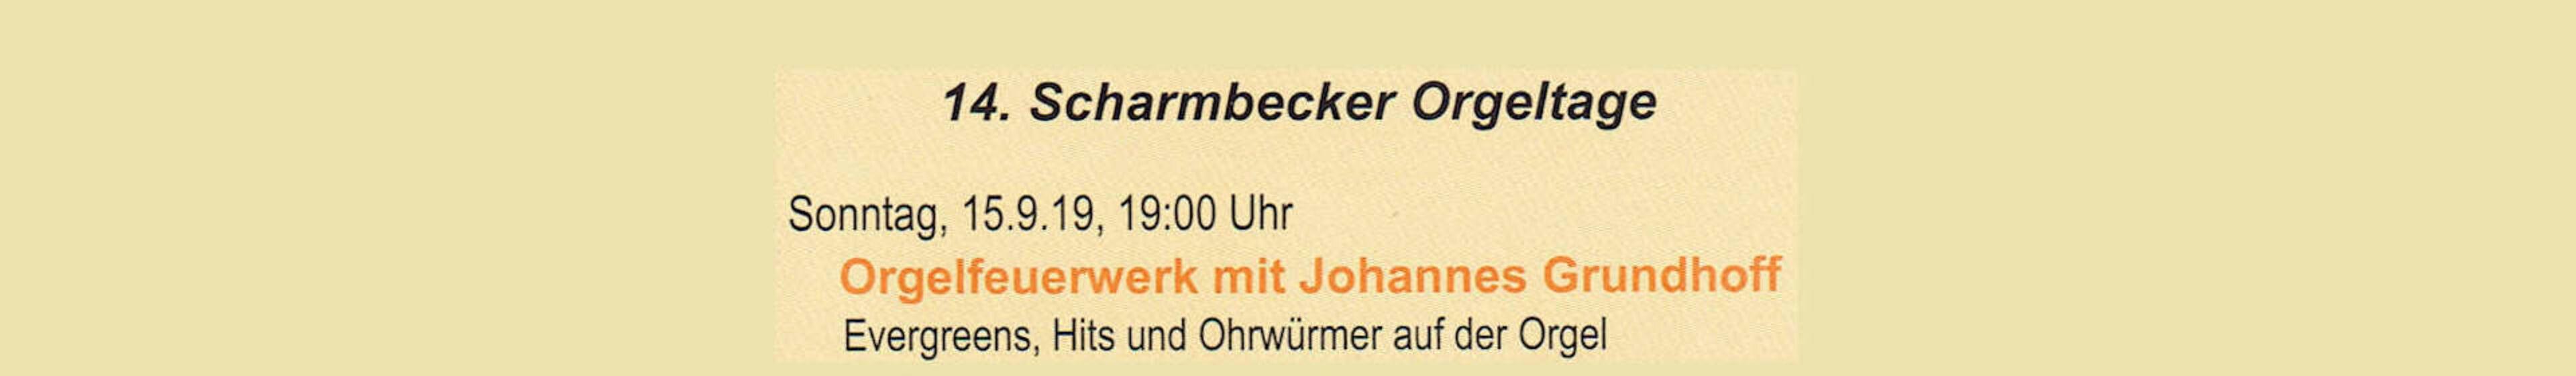 15.09.2019: 14. Scharmbecker Orgeltage